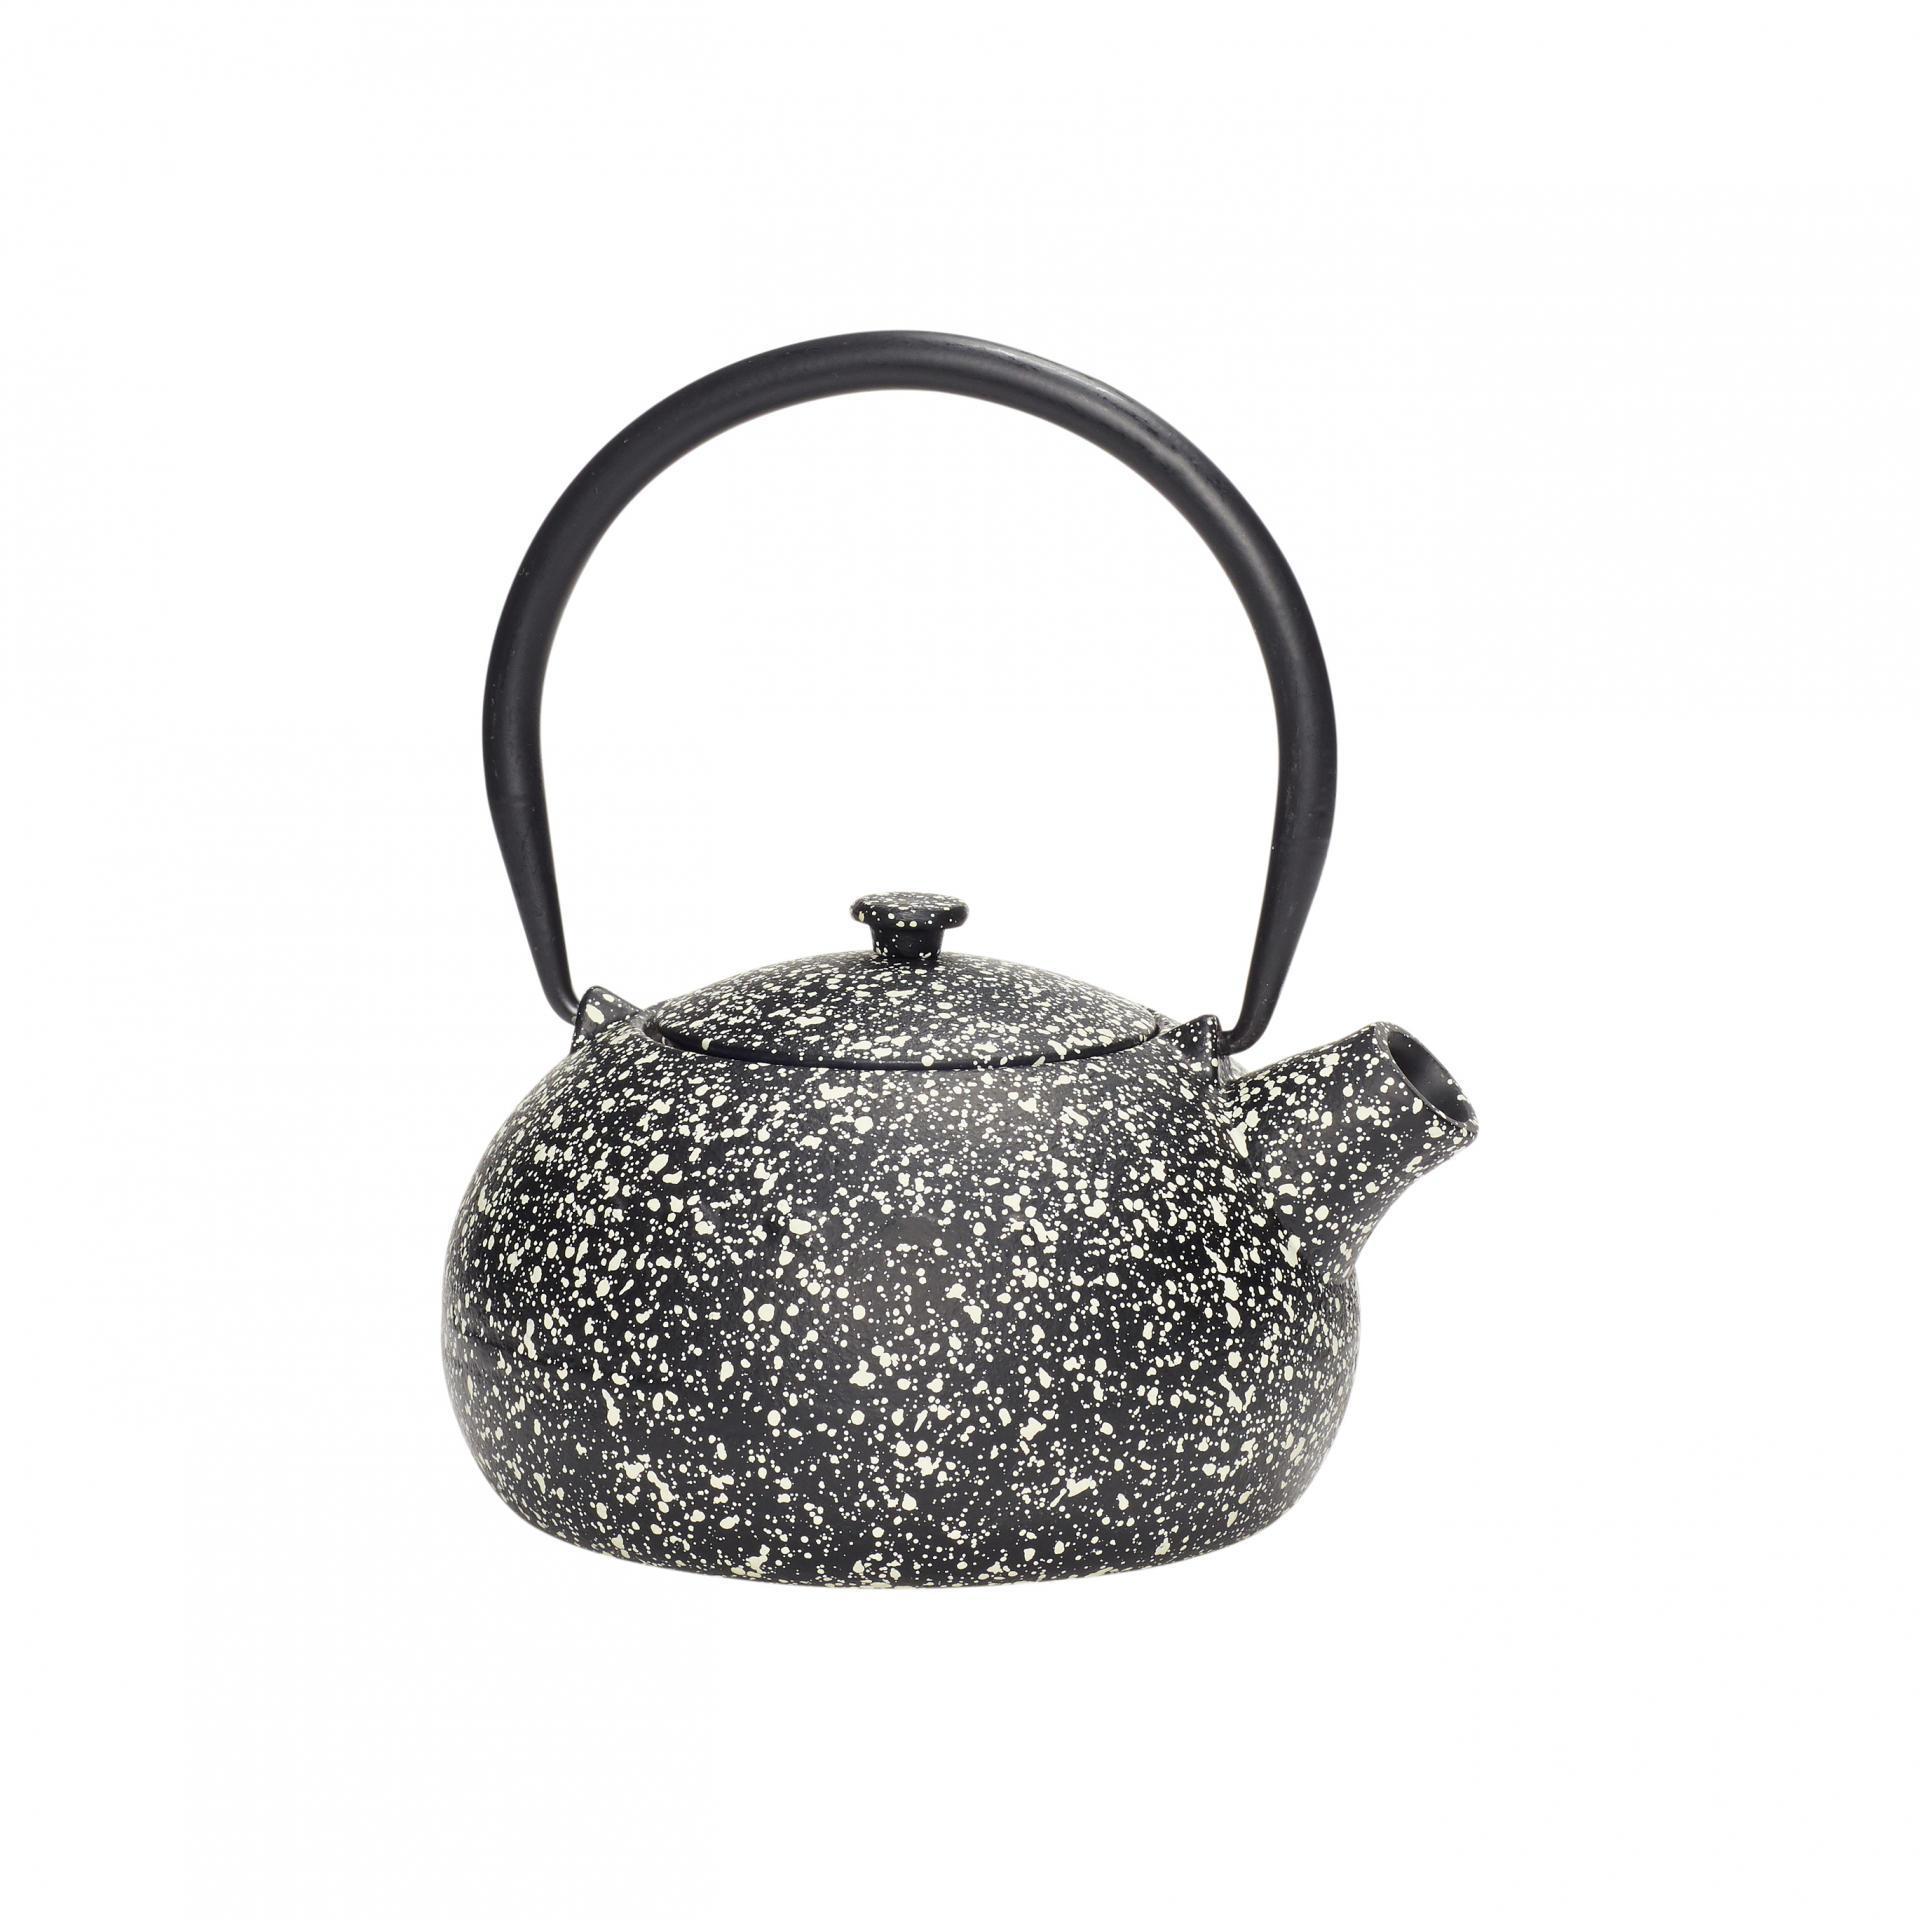 Hübsch Designová čajová konvice 0,8 l, černá barva, kov